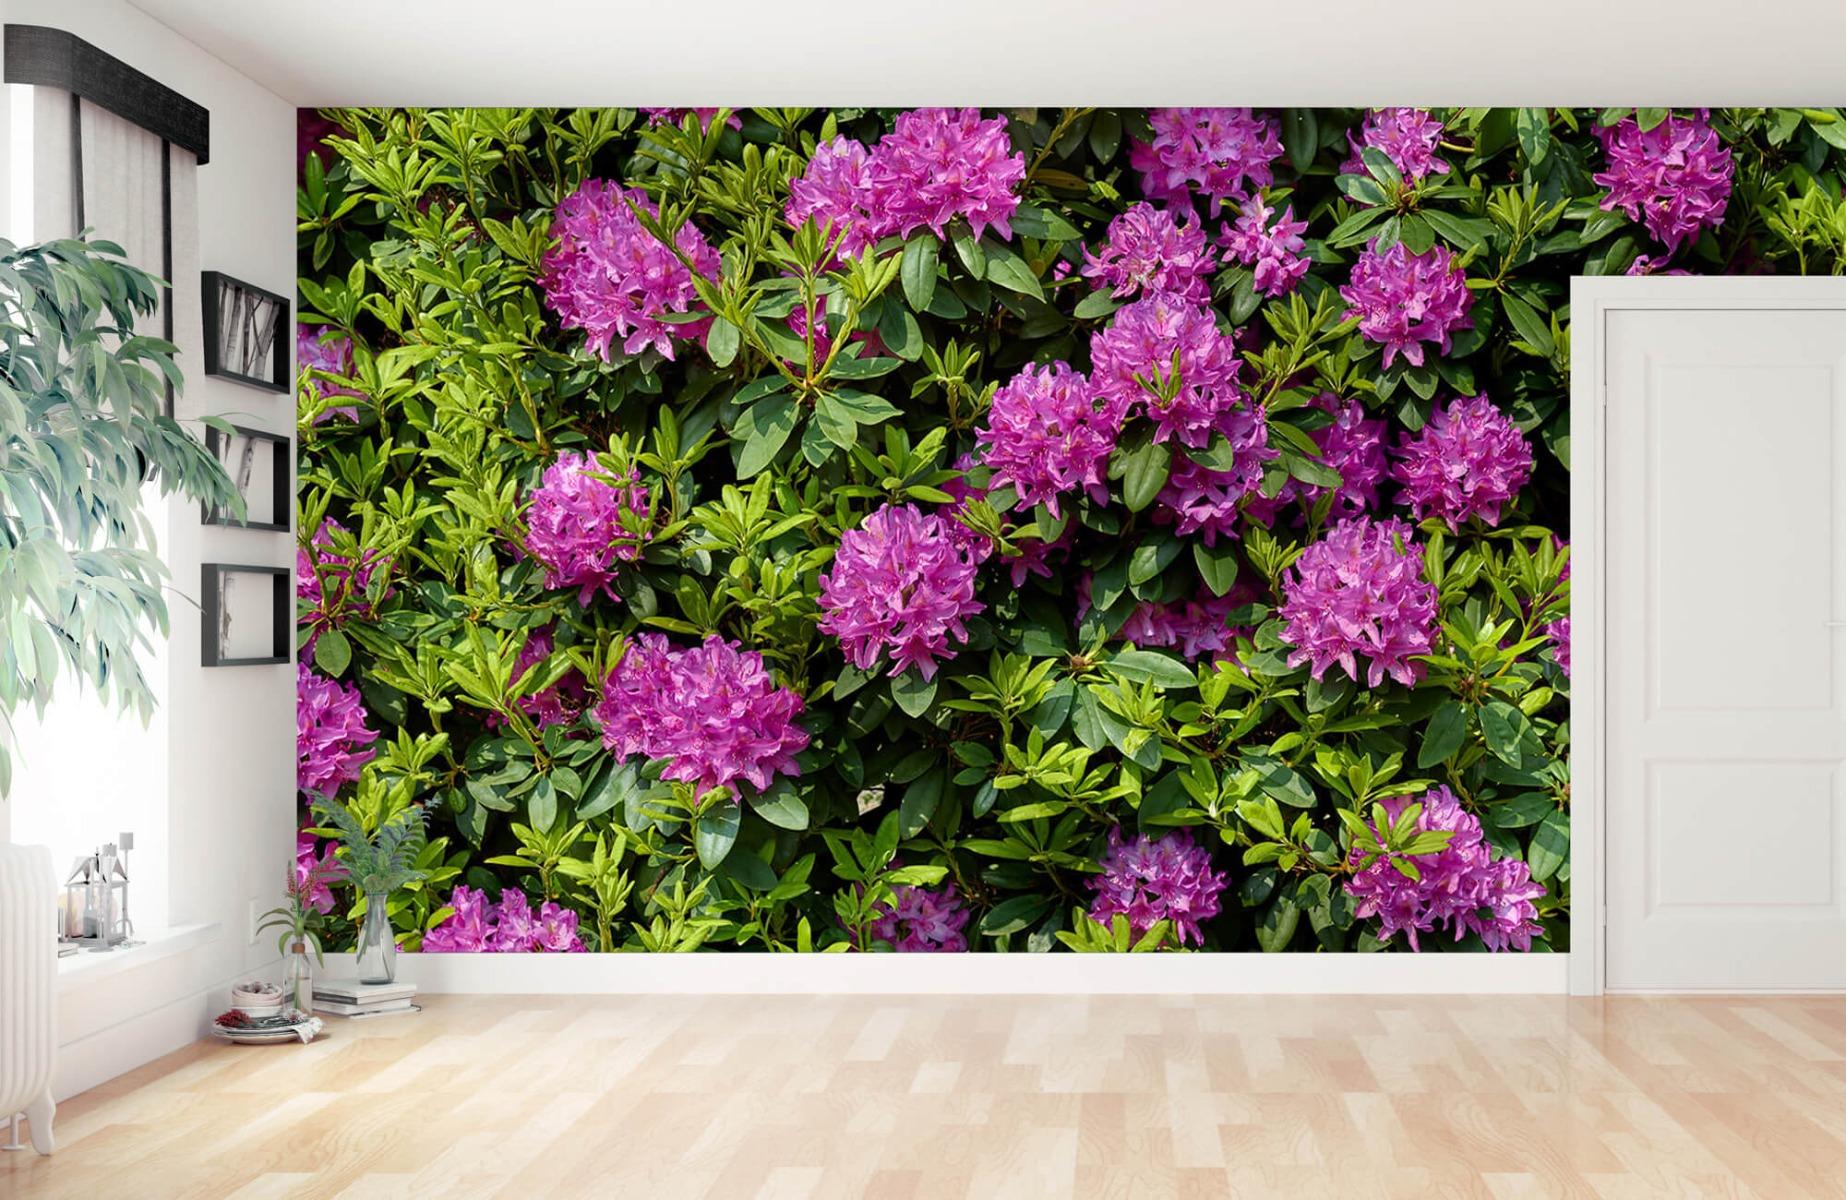 Bloemenvelden - Rododendrons - Wallexclusive - Slaapkamer 12